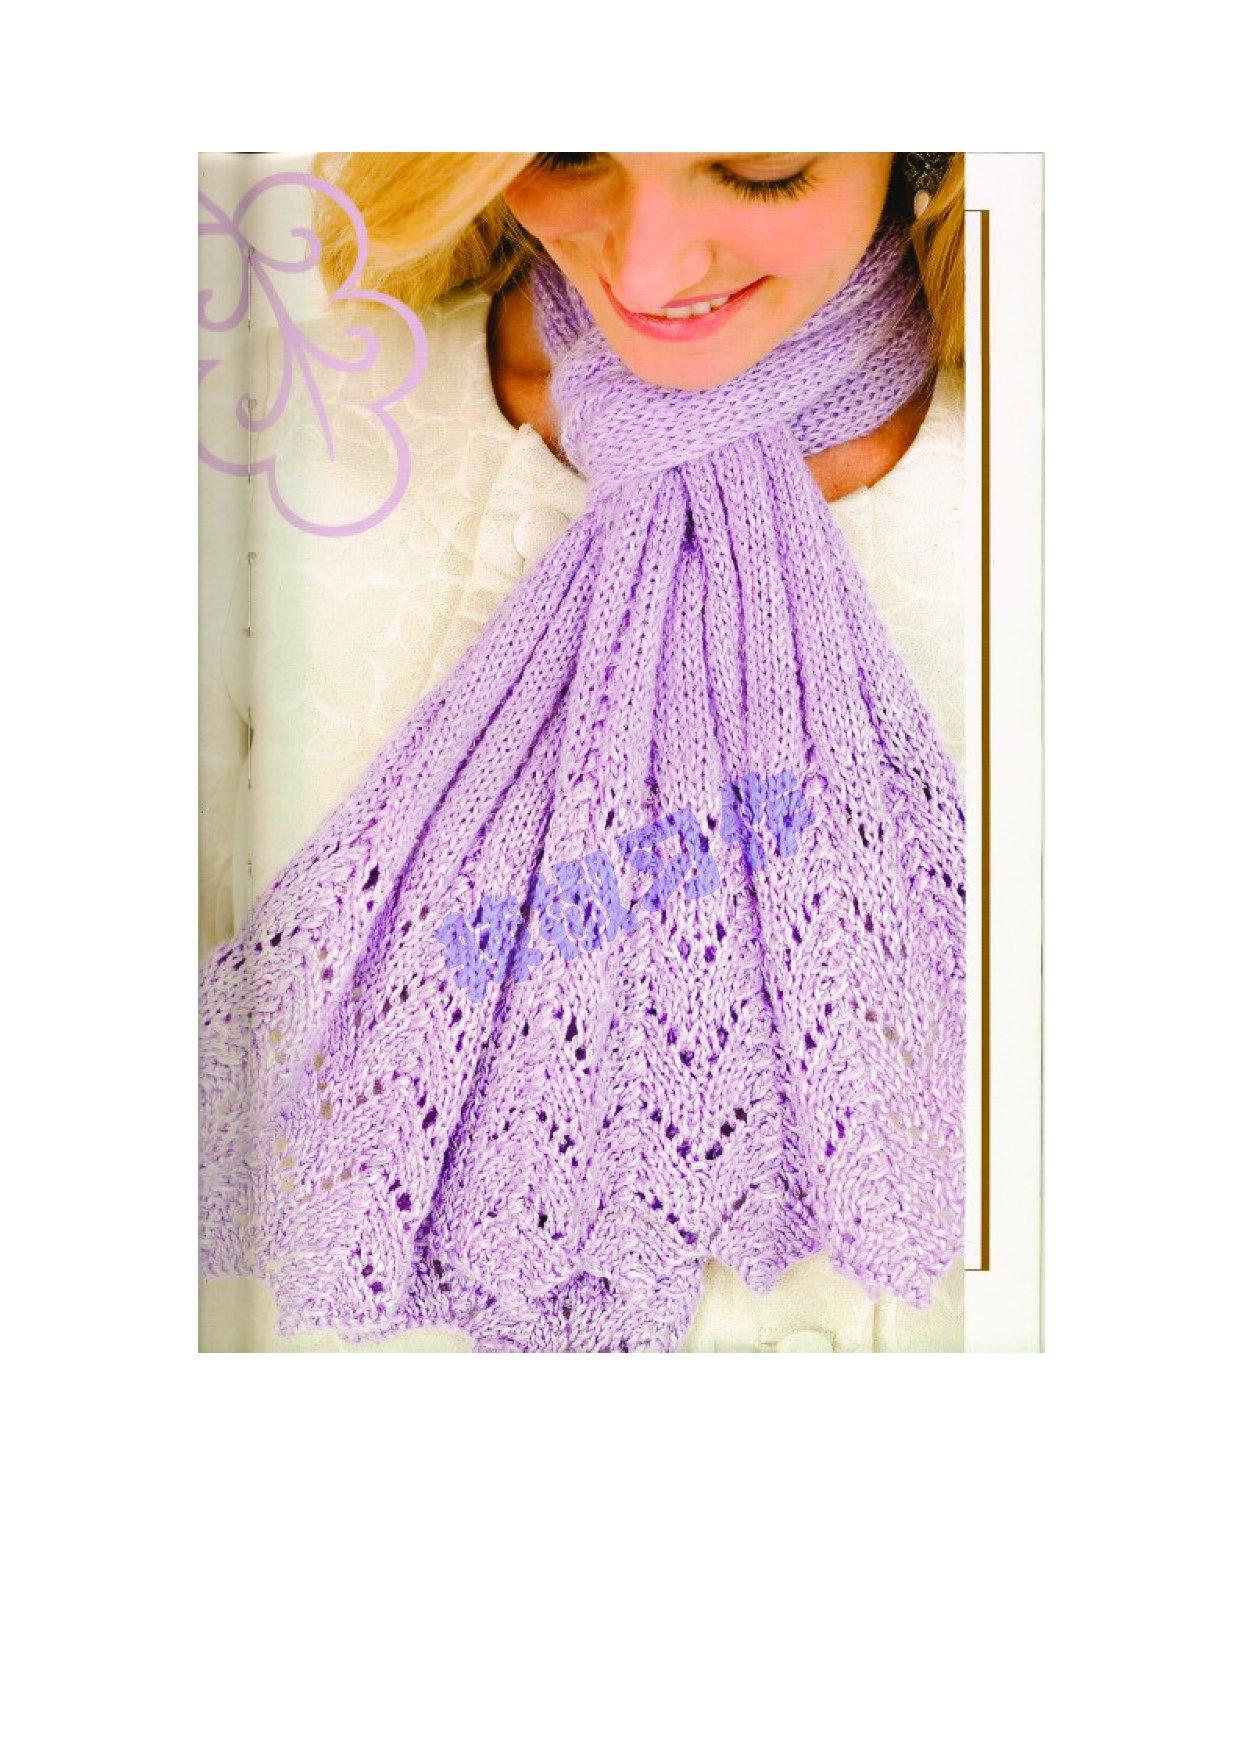 Tudor Lace(定稿)_页面_02.jpg